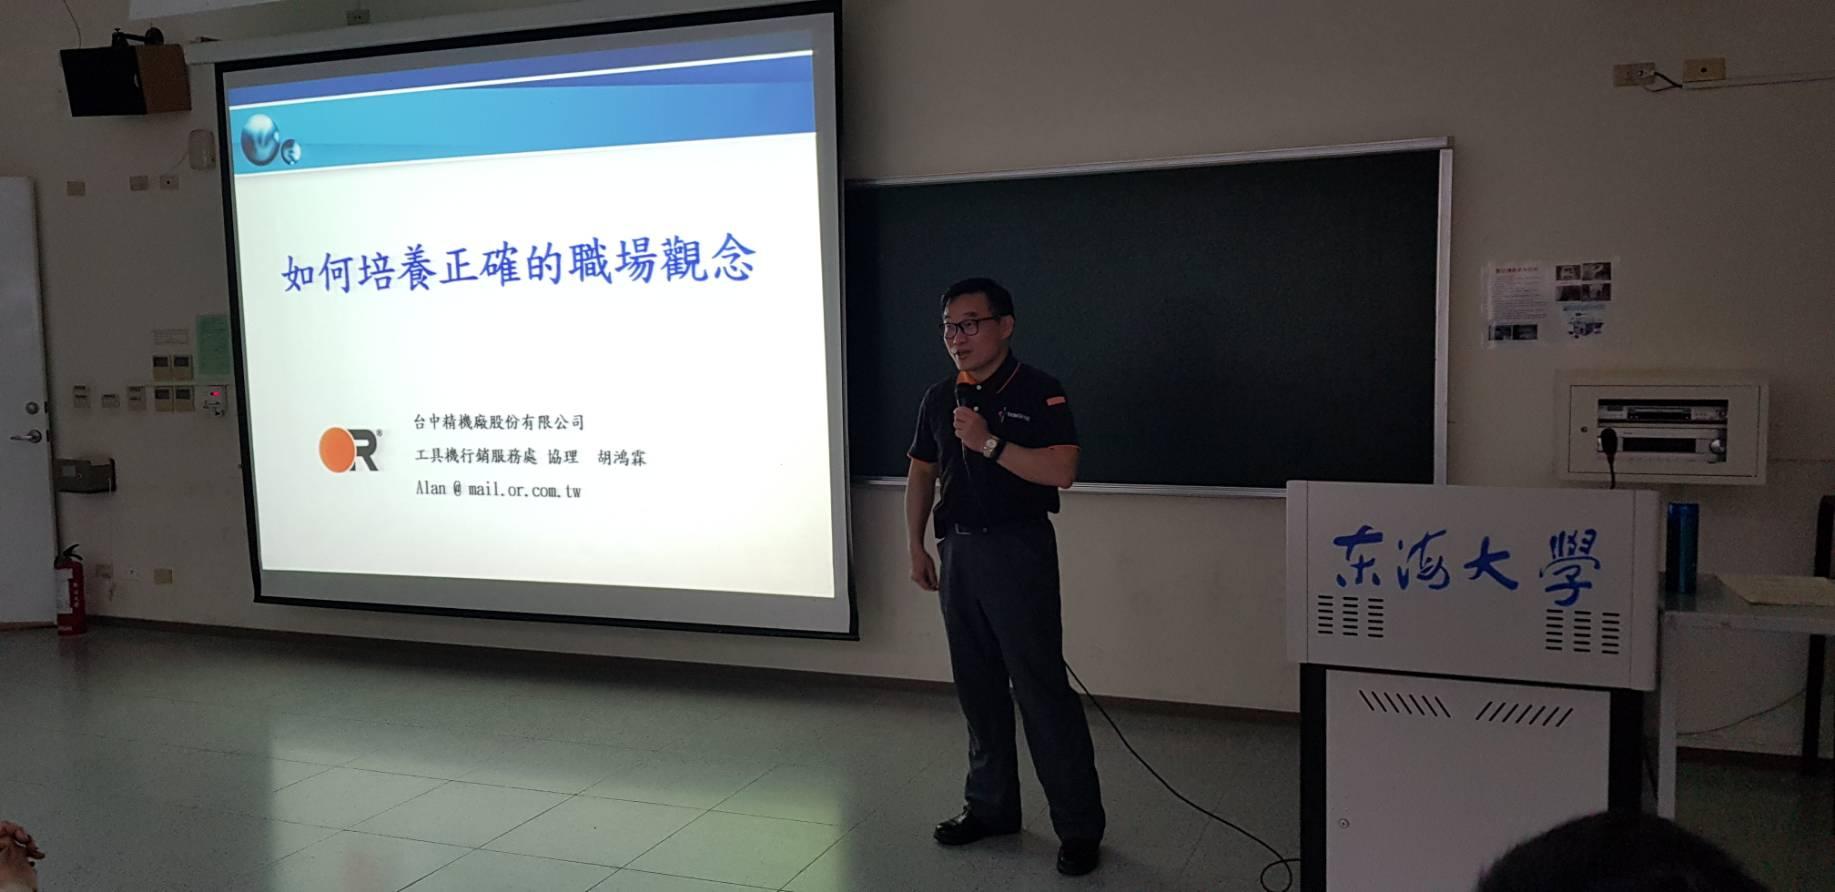 108年4月26日邀請台中精機協理胡鴻霖專題演講如何培養正確的職場觀念